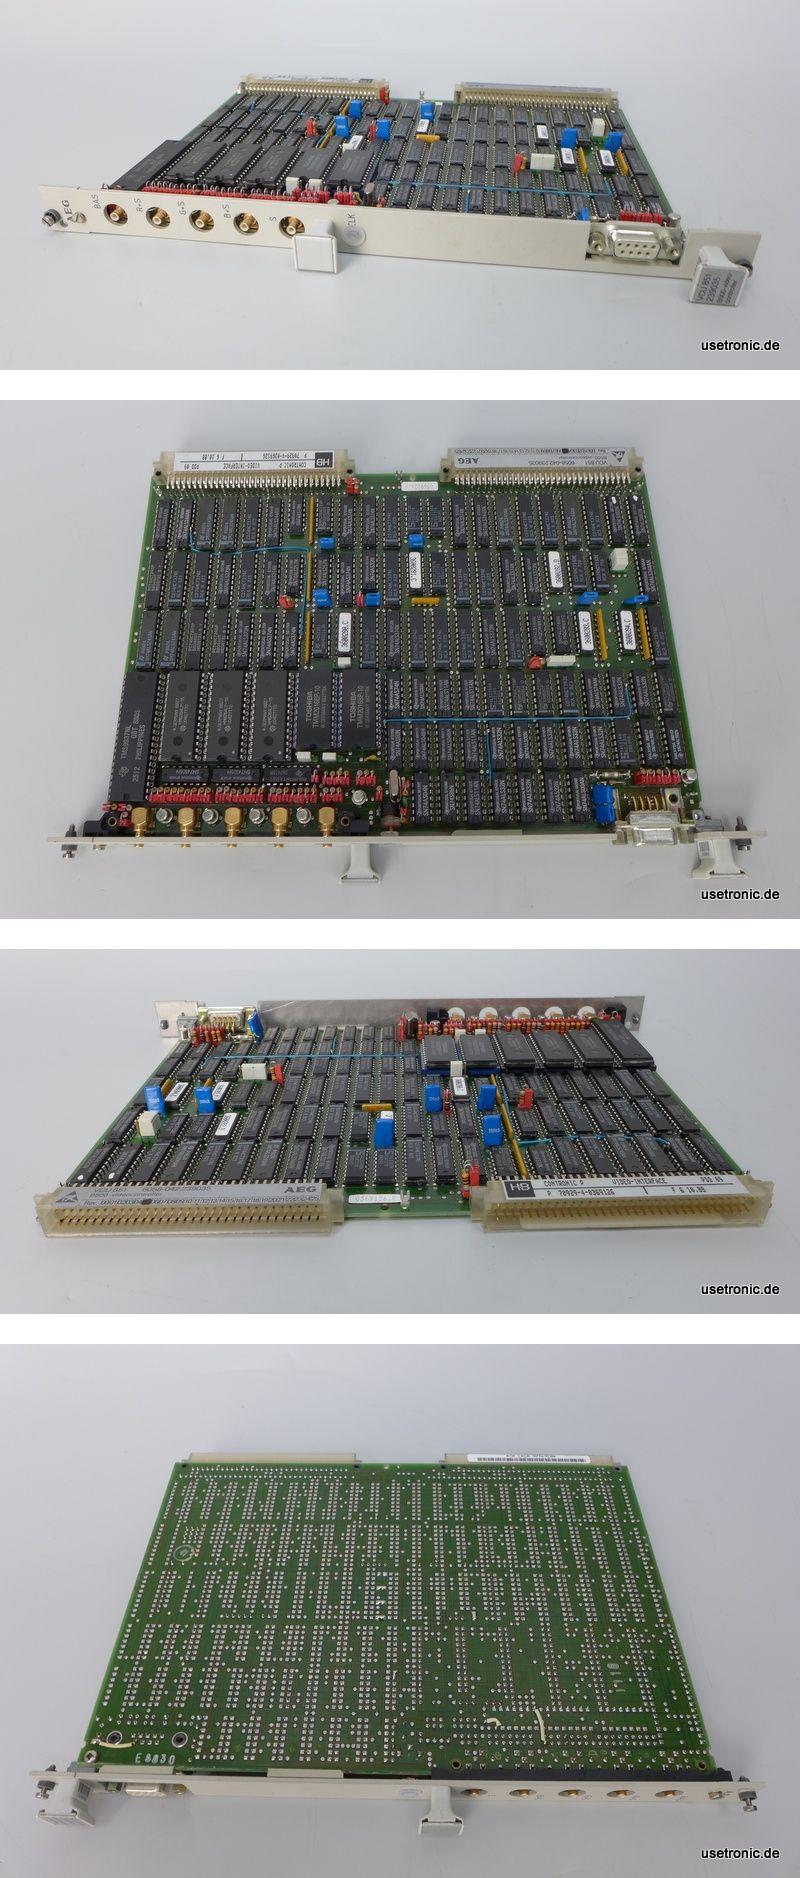 AEG SPS Modul VCU 851 6058-042.239035